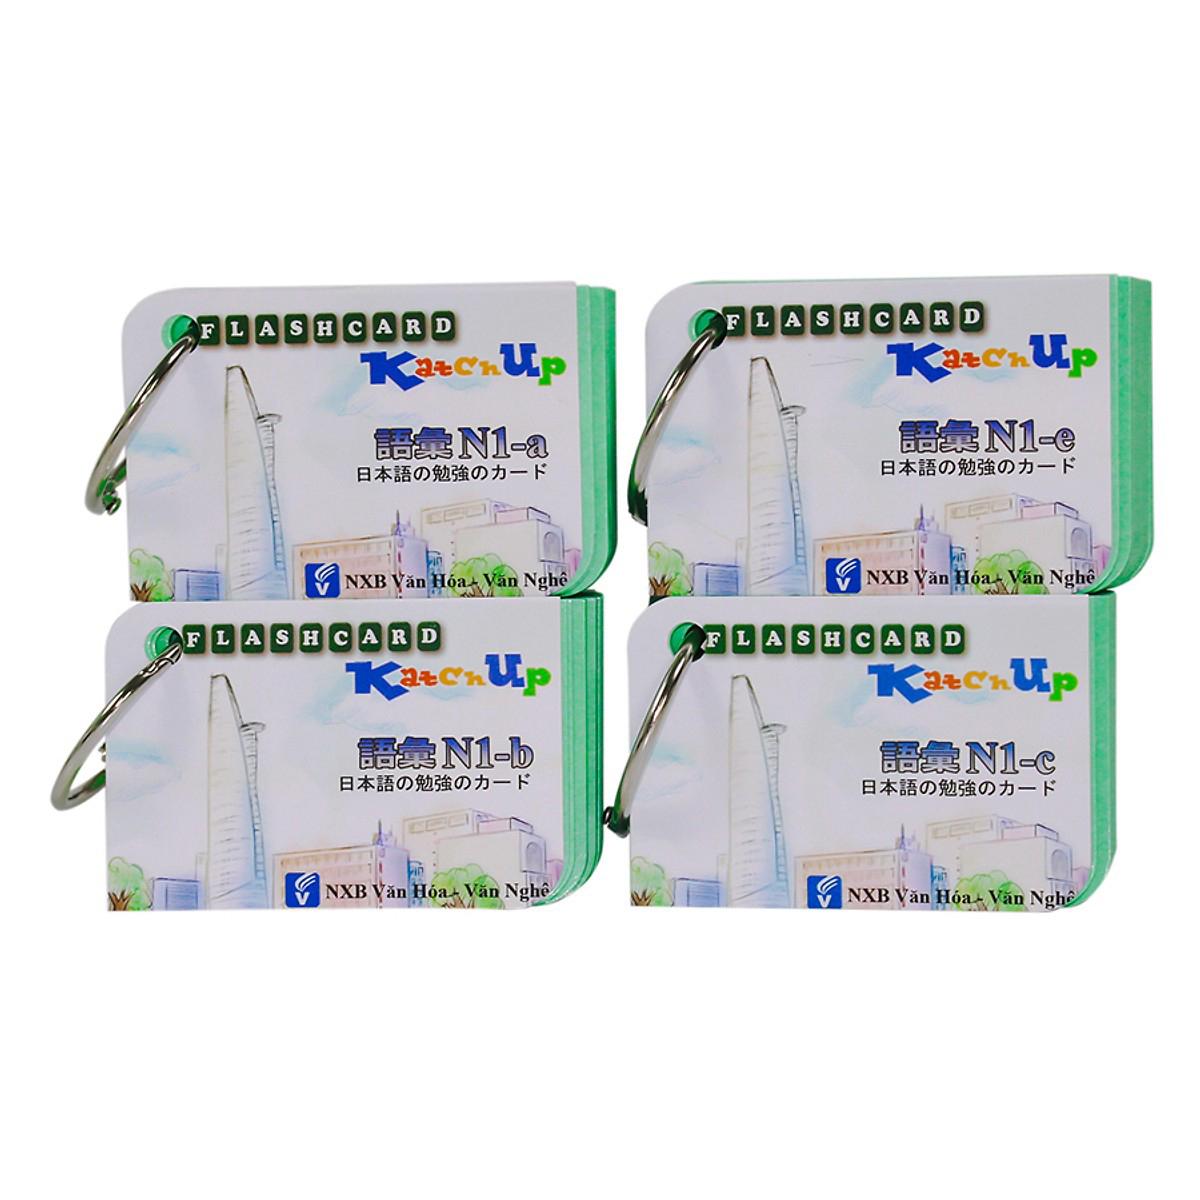 Bộ KatchUp Flashcard Từ Vựng N1 (Soumatome N1) - High Quality